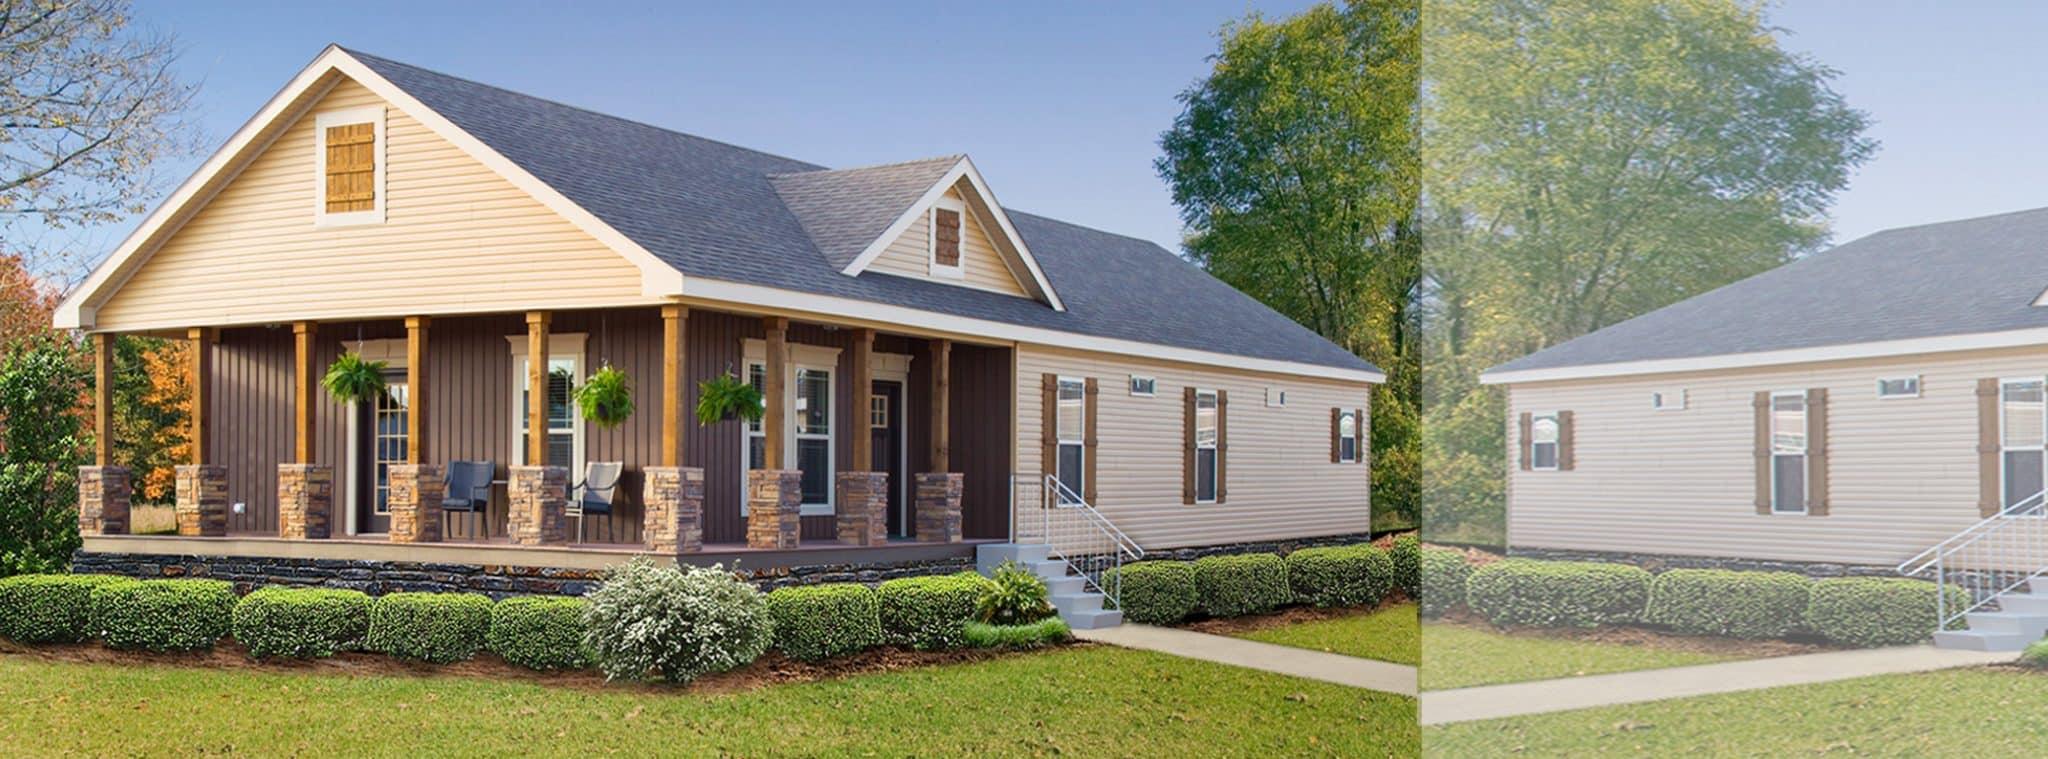 South Carolina Modular Housing Institute – Manufactured